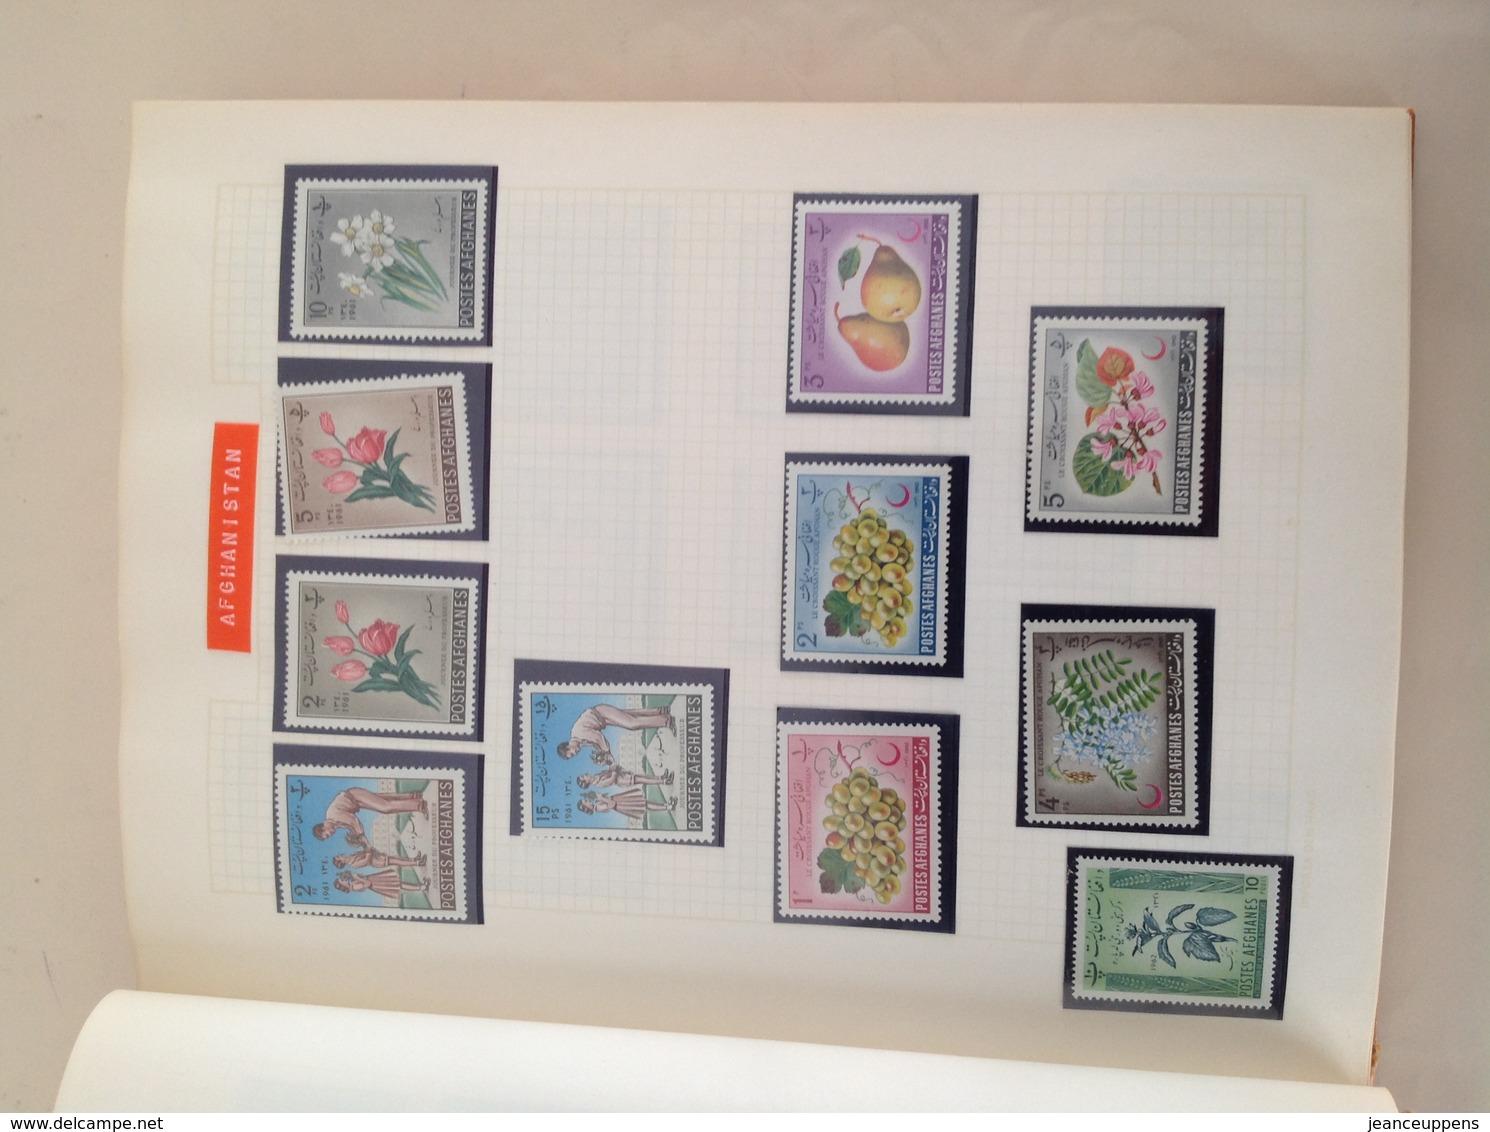 Vente Ensemble De 35 Timbres Thématique Fleurs Années 1950/1975 (Afghanistan) - Timbres